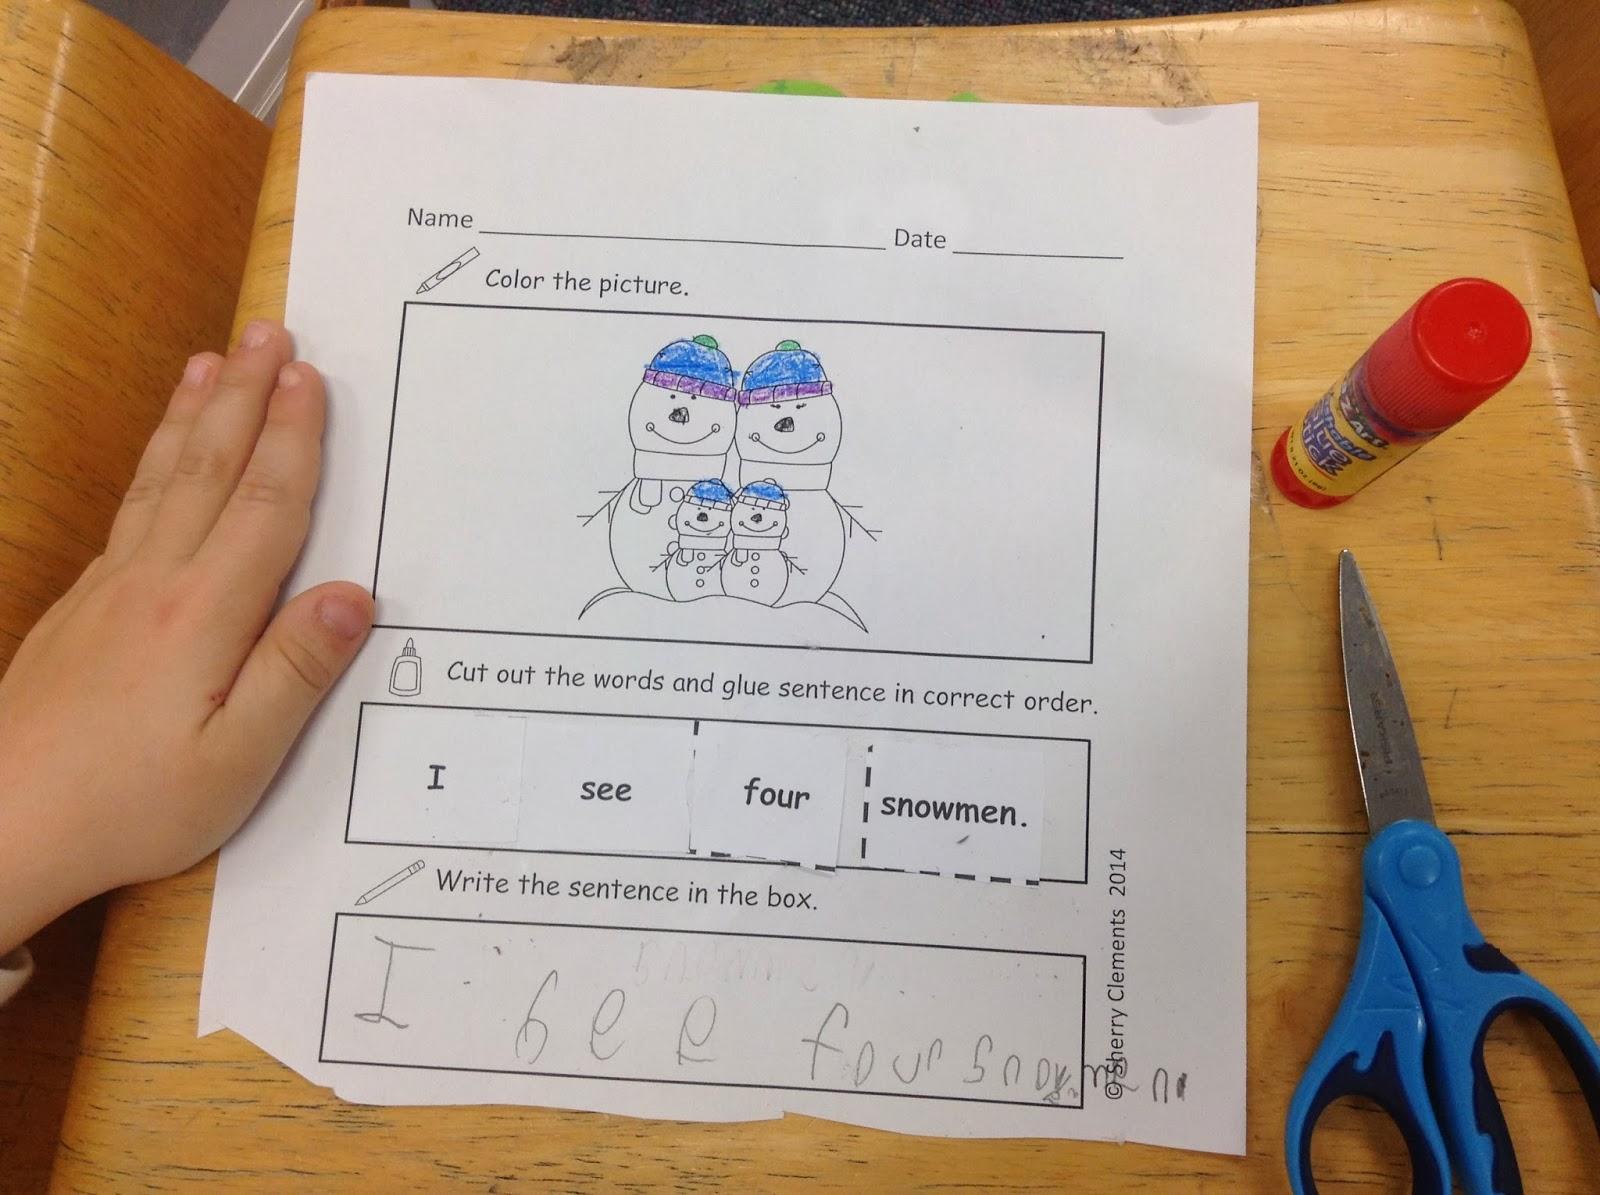 10 Elegant Writing Center Ideas For Kindergarten dr clements kindergarten writing center ideas 2020